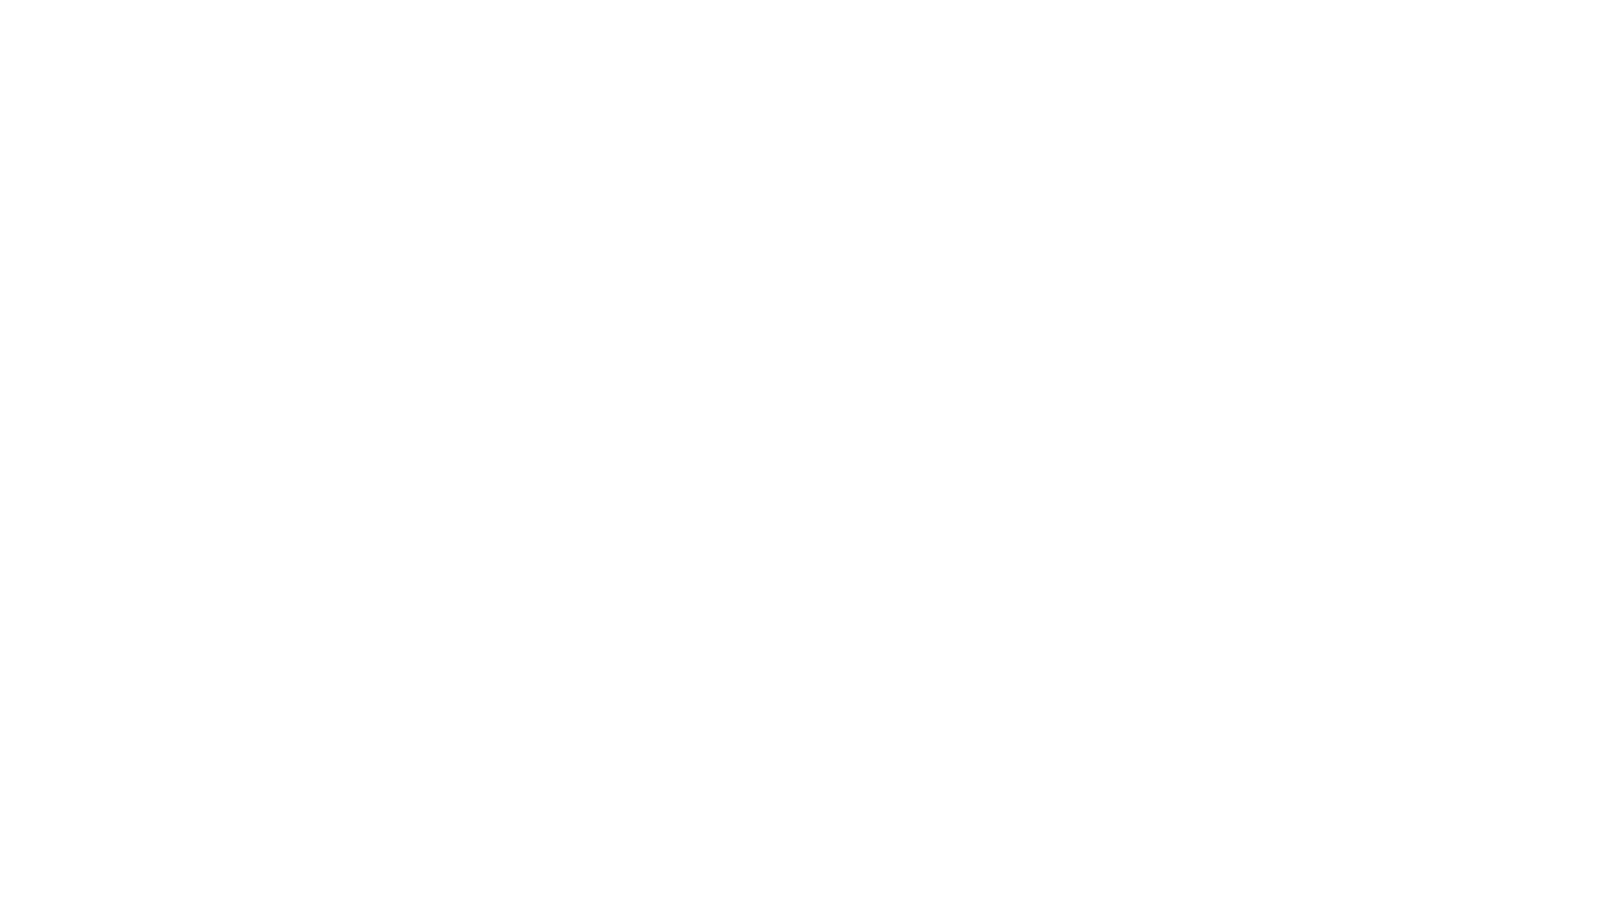 Zobacz nagranie z sesji 15 września 2021 w sprawie przedszkola numer 2 w Rabce, z wyciszeniem fragmentu wypowiedzi radnego Pawła Rogowca.  Jak Urząd Miejski w Rabce Zdroju się z tego tłumaczy ? Zobacz na https://matwojt.pl/2021/09/24/nagranie-z-sesji-w-sprawie-przedszkola-numer-2-w-rabce-zdroju/